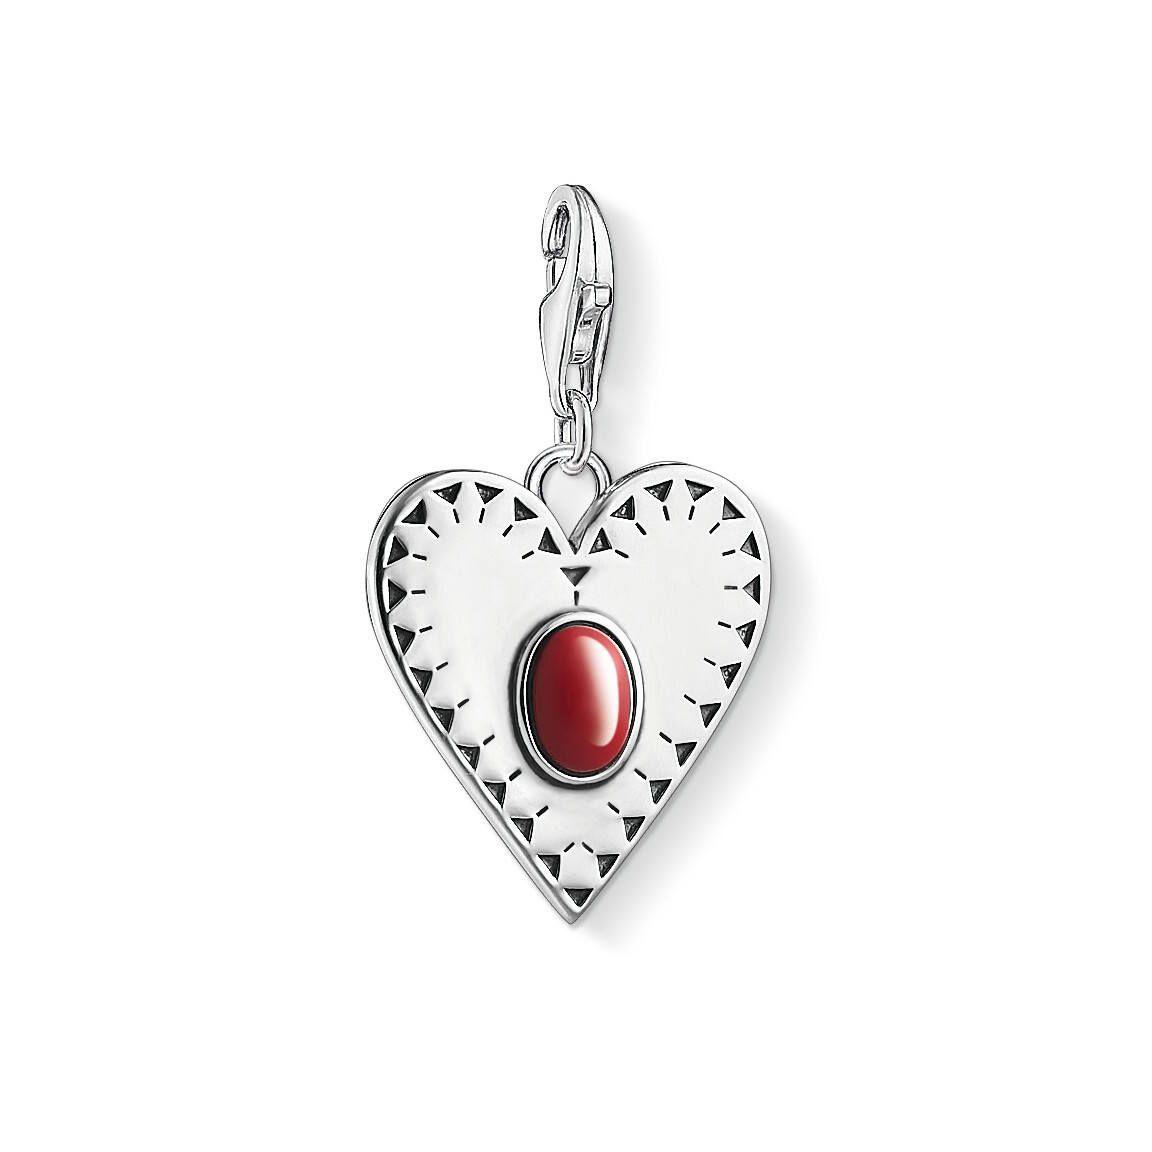 Thomas Sabo Charm Club 1683-111-10 Heart Red Stone - Keskisen Kello Oy